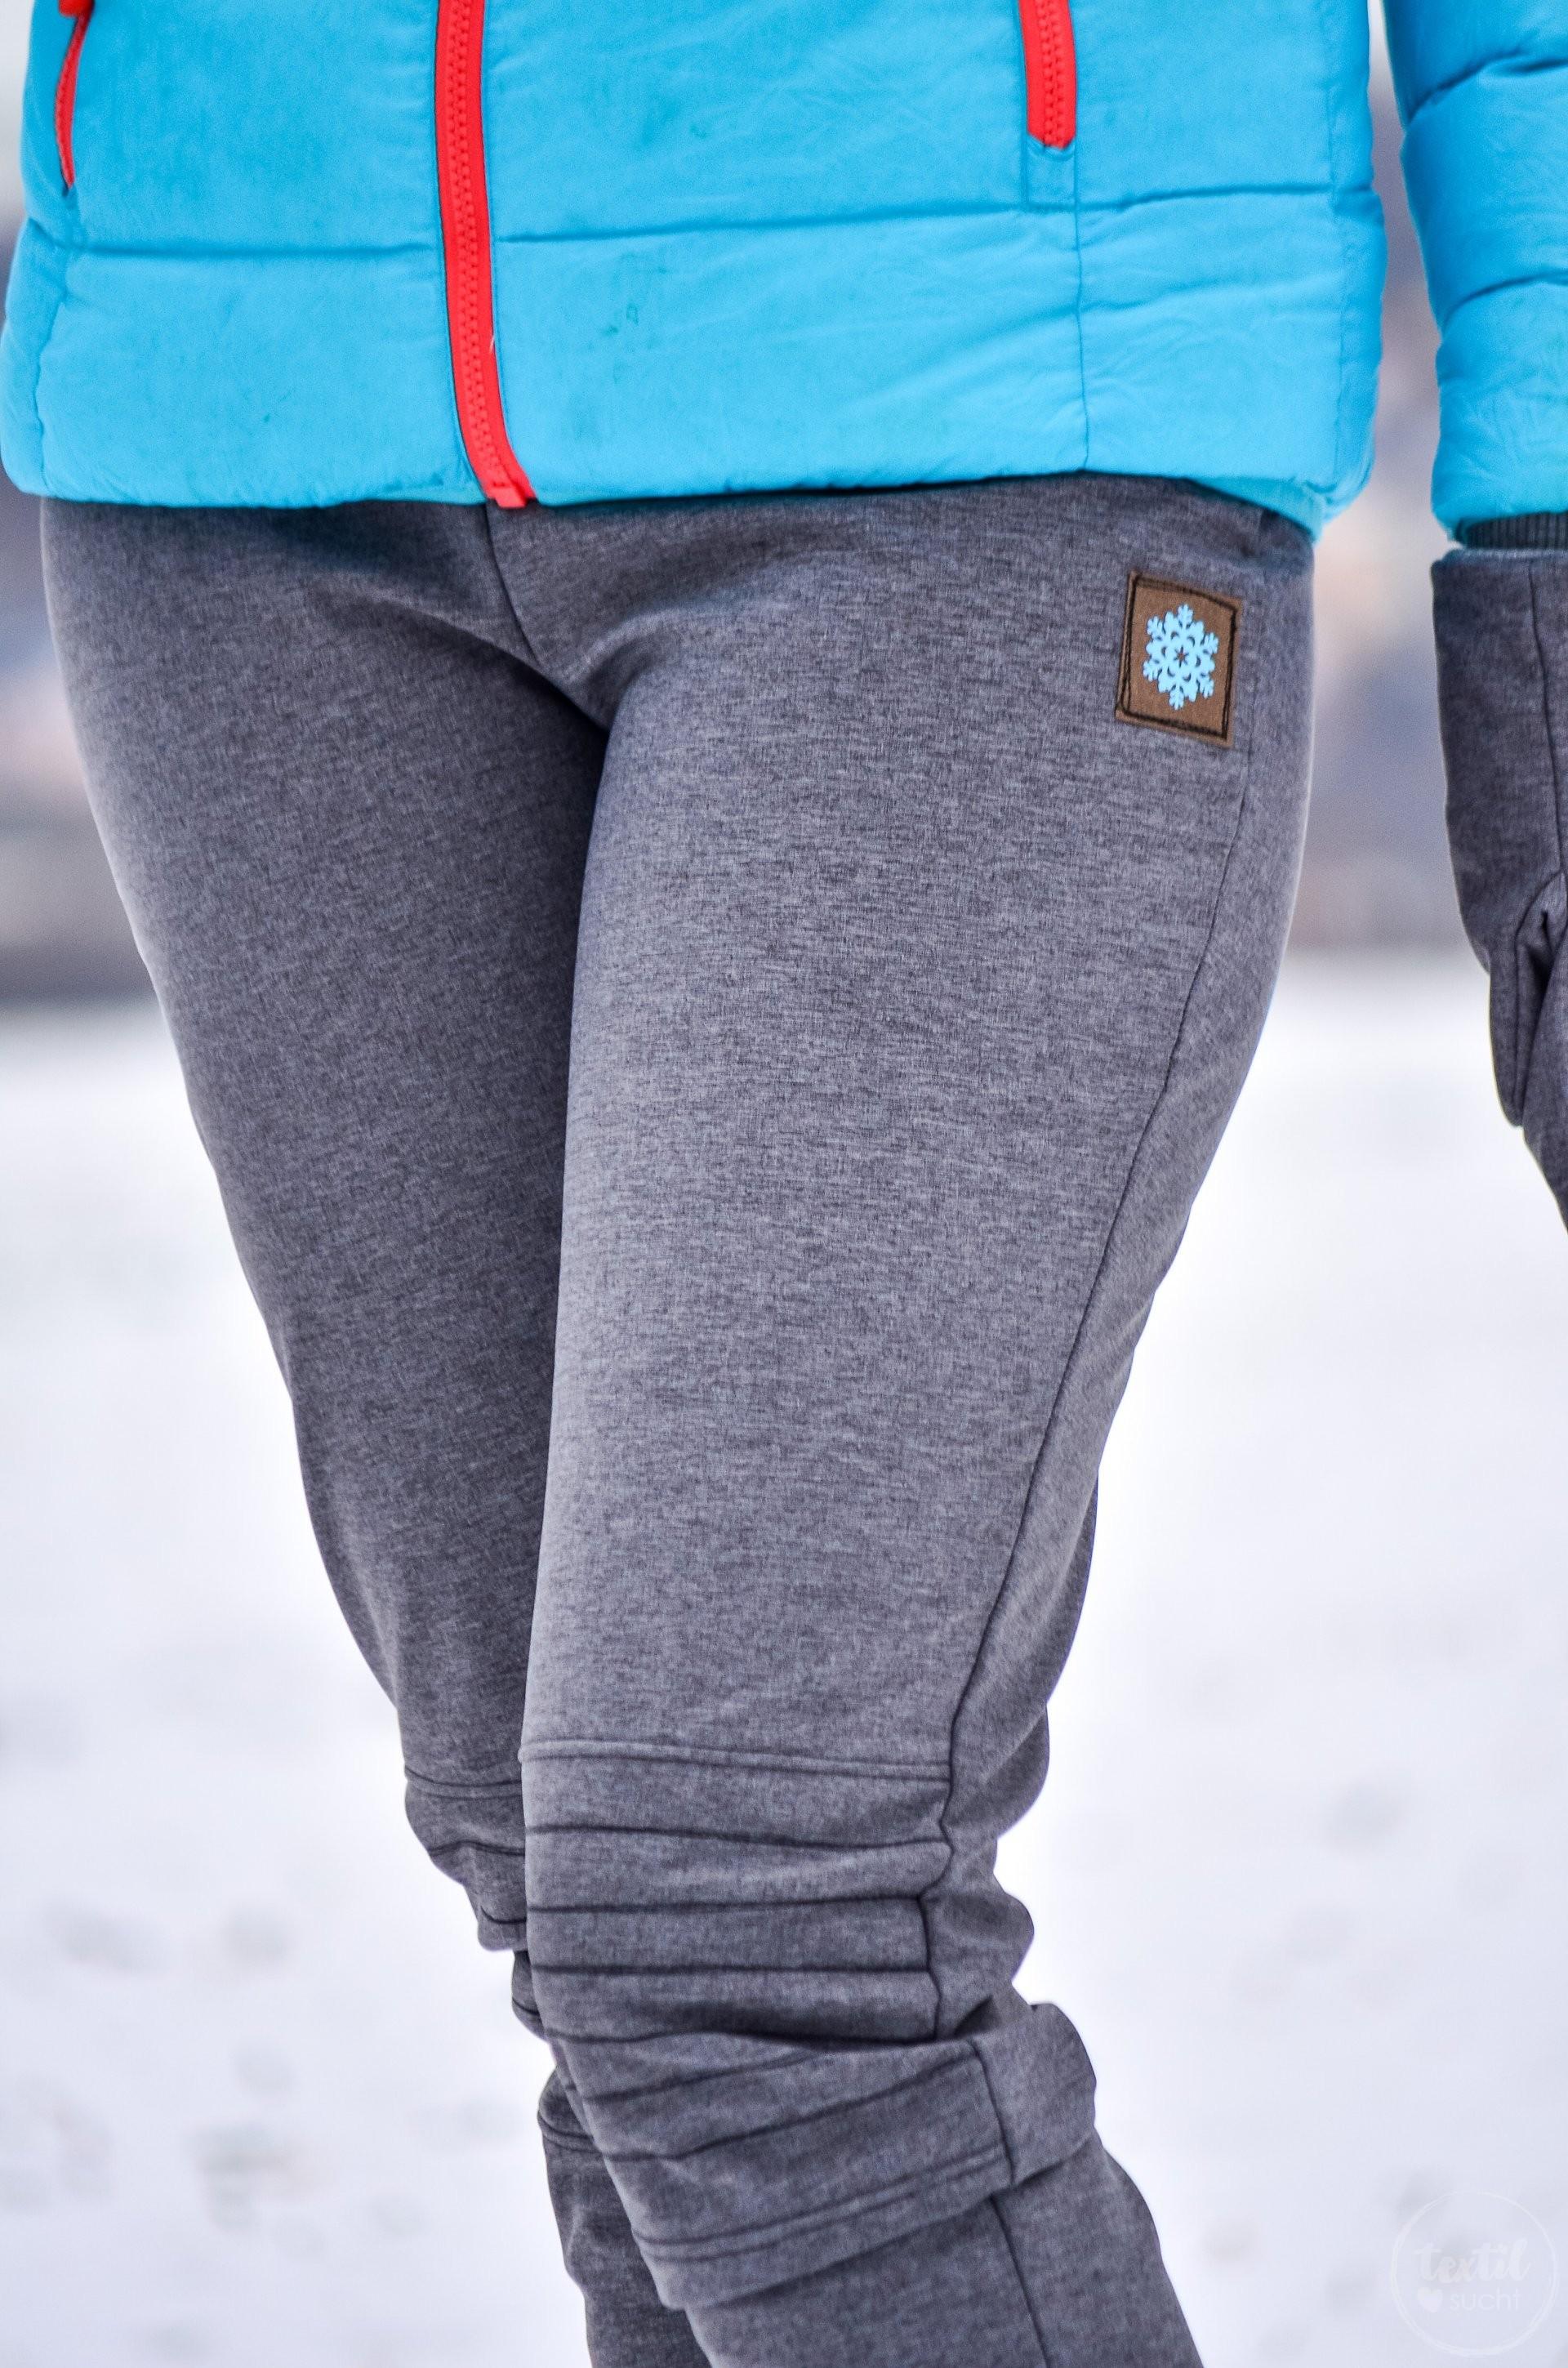 gut aus x erstklassiges echtes Sortendesign Softshellhose nähen: Hose STEPPO als Outdoorhose » Textilsucht®